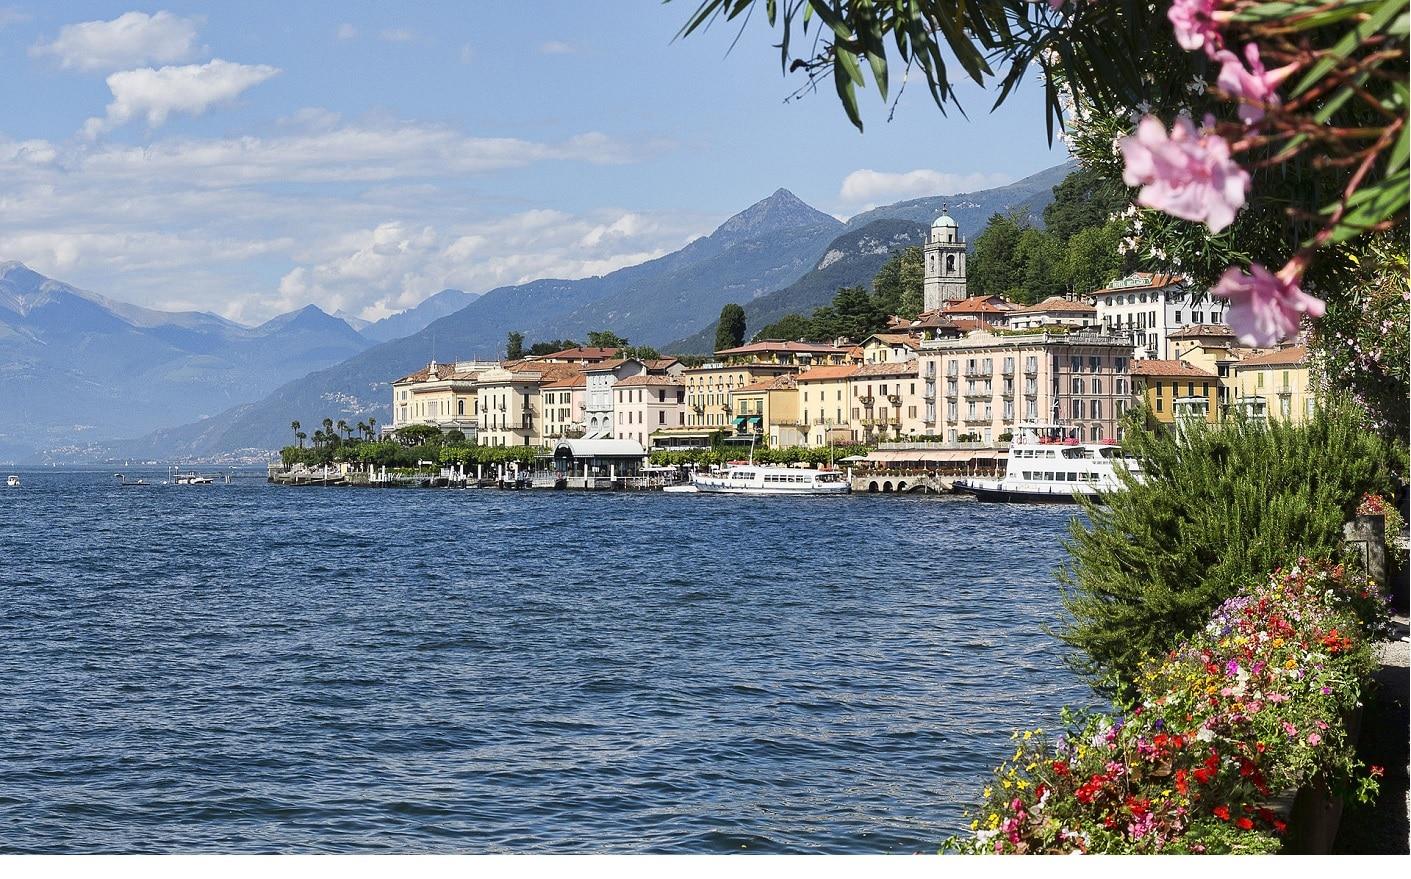 Exceptionnel Italie - Les plus beaux lacs à visiter - Visiter Voyager JL03